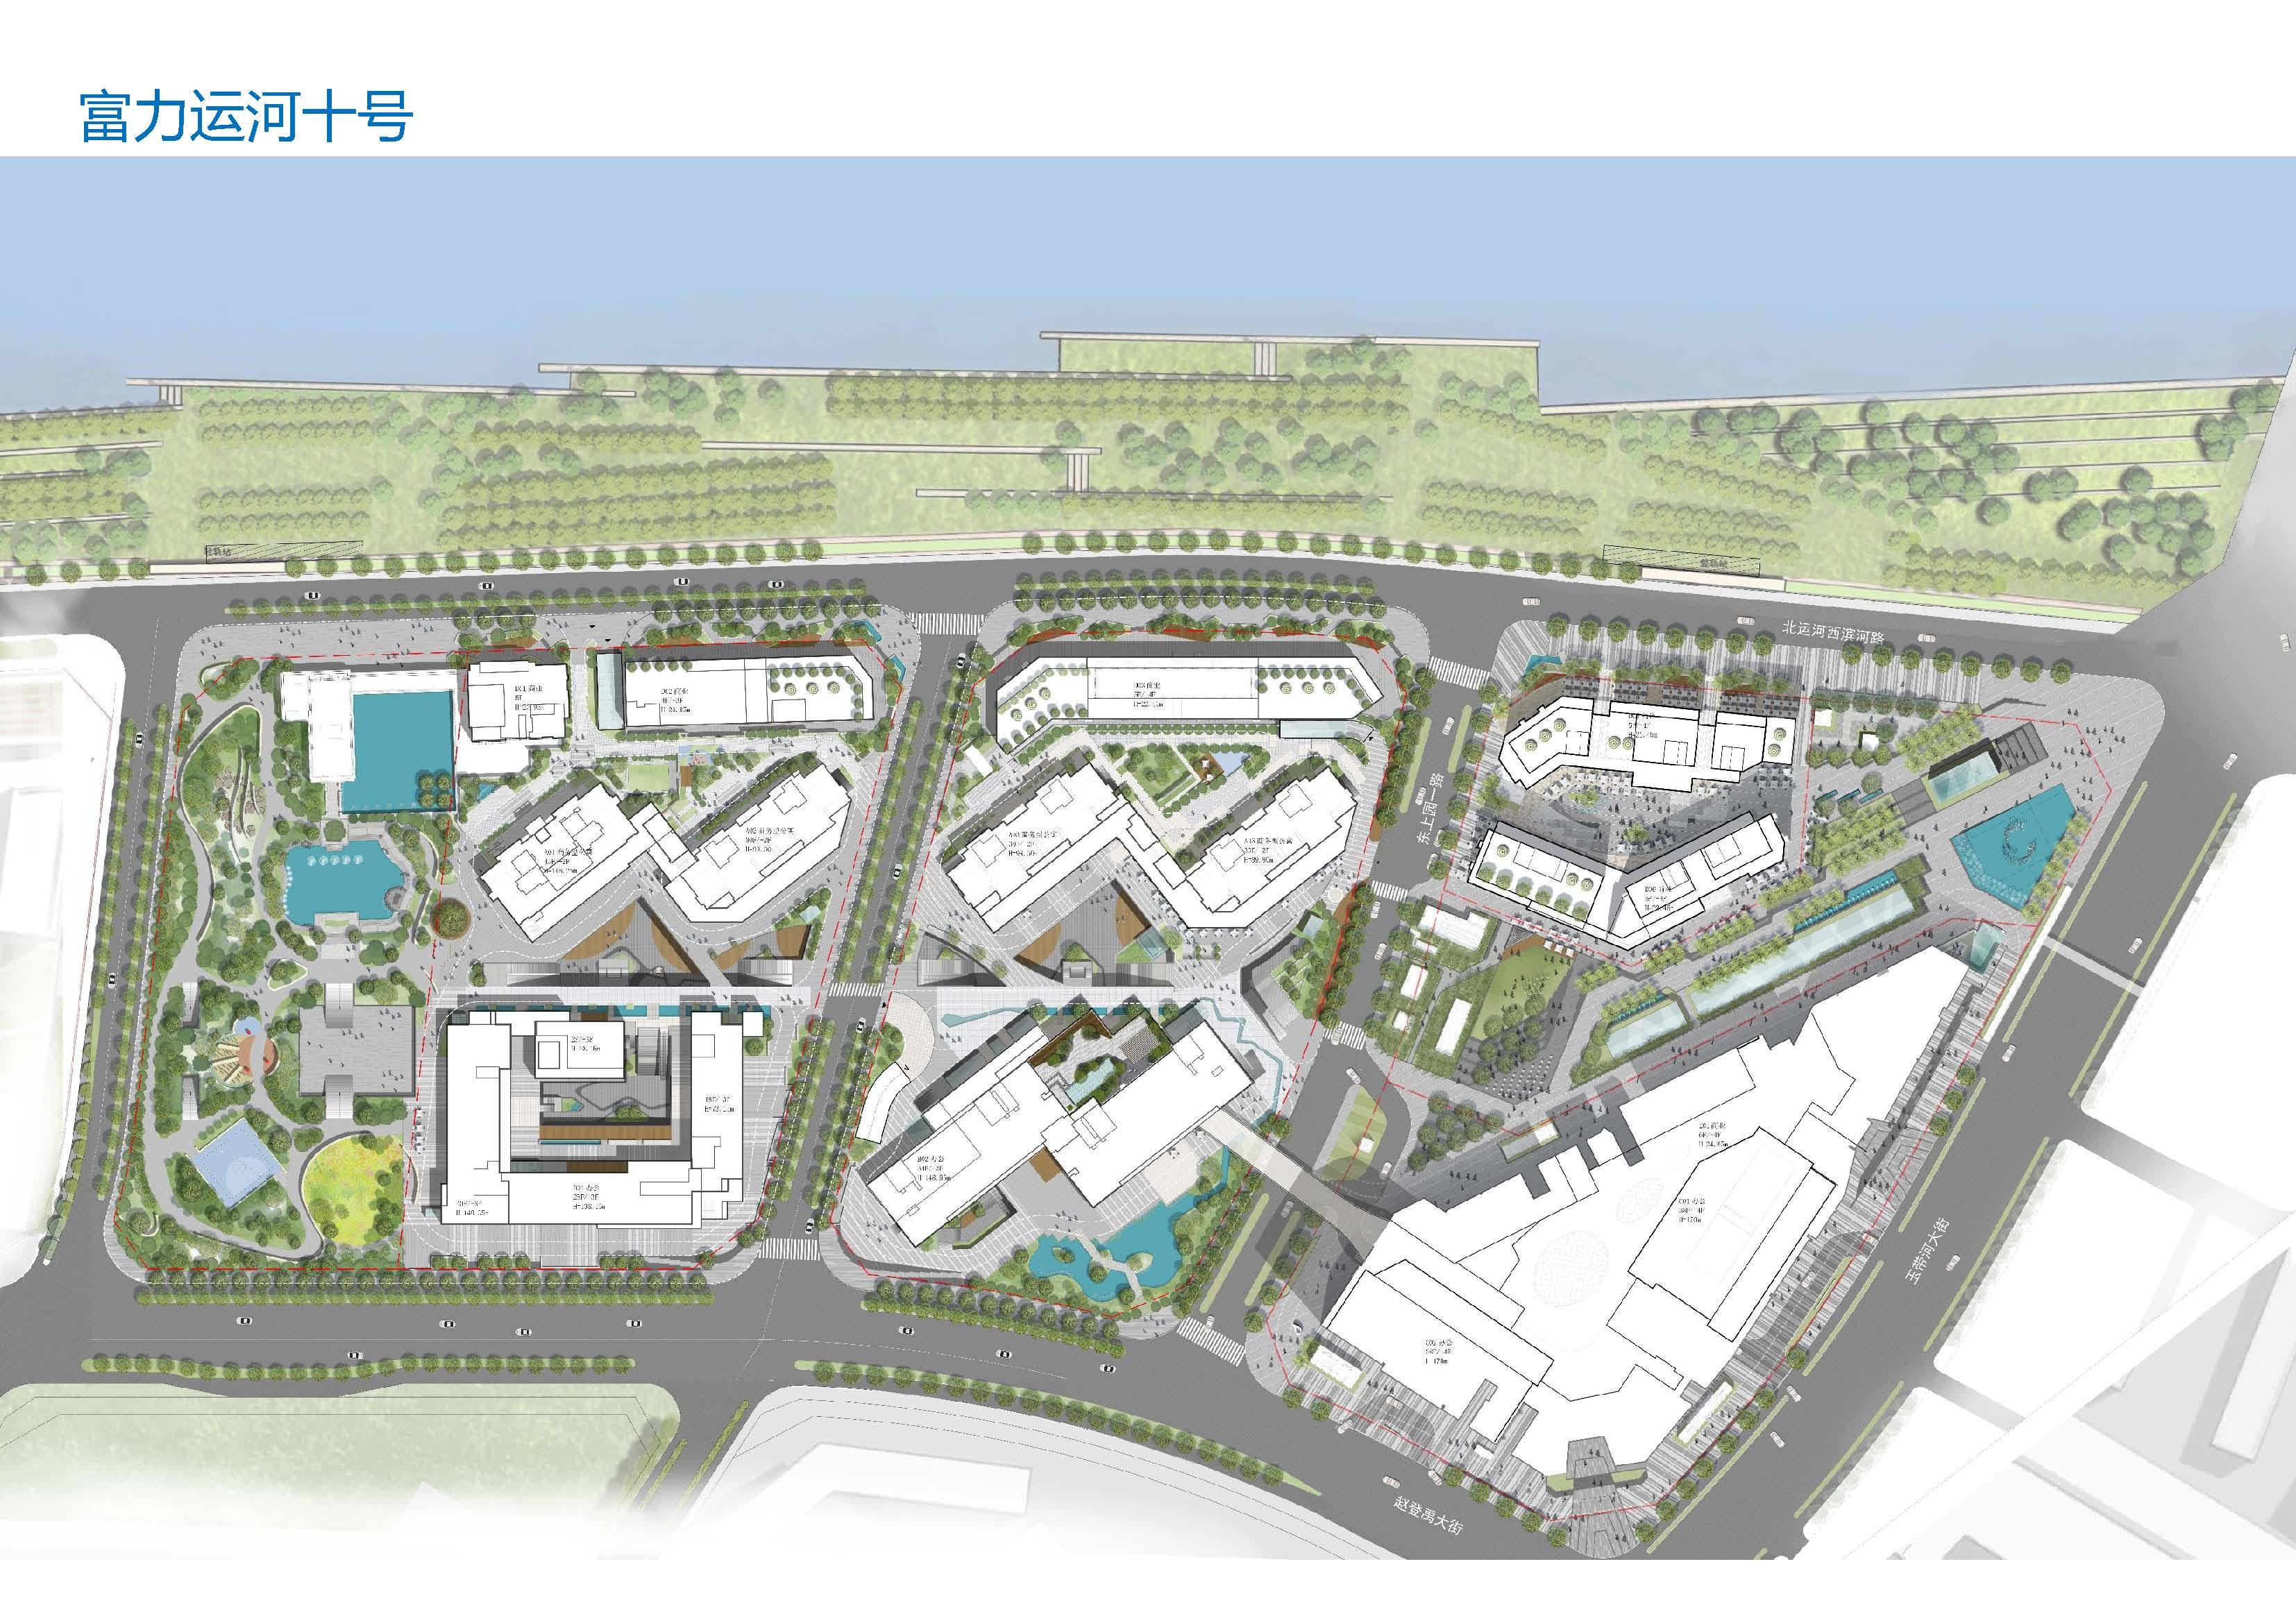 新闻:运河代写规划项目建议书的机构